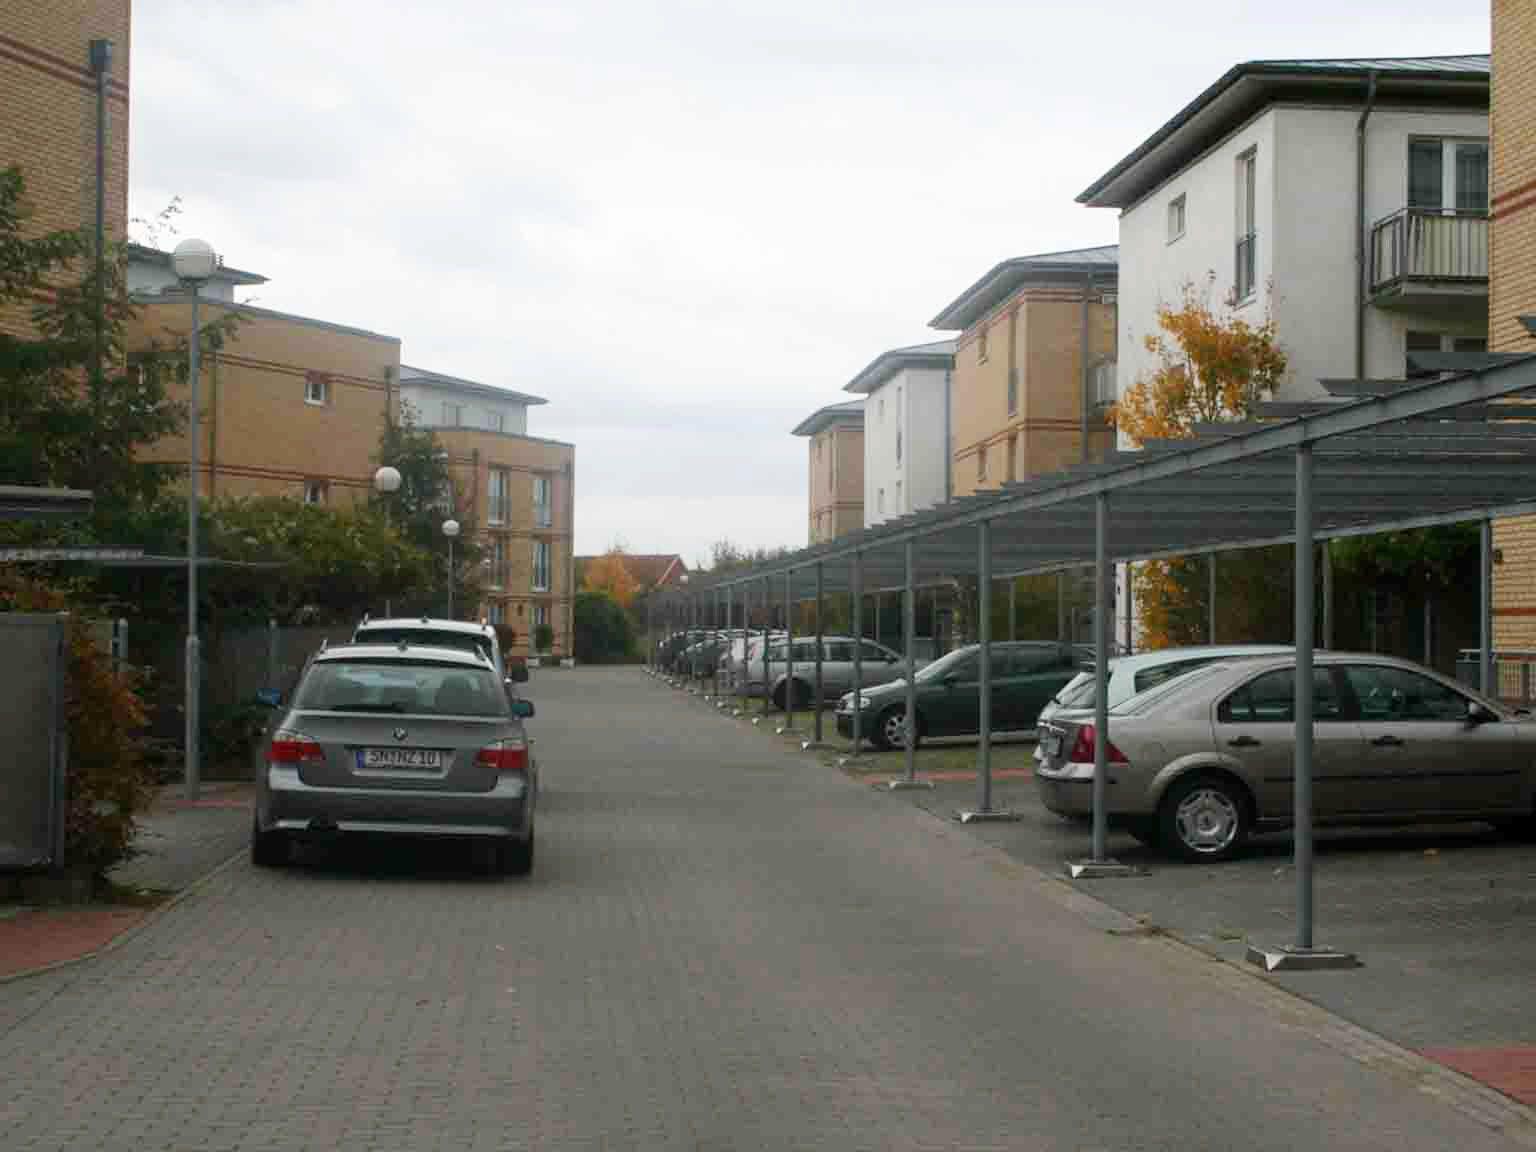 7-Seen Wohnpark Schwerin